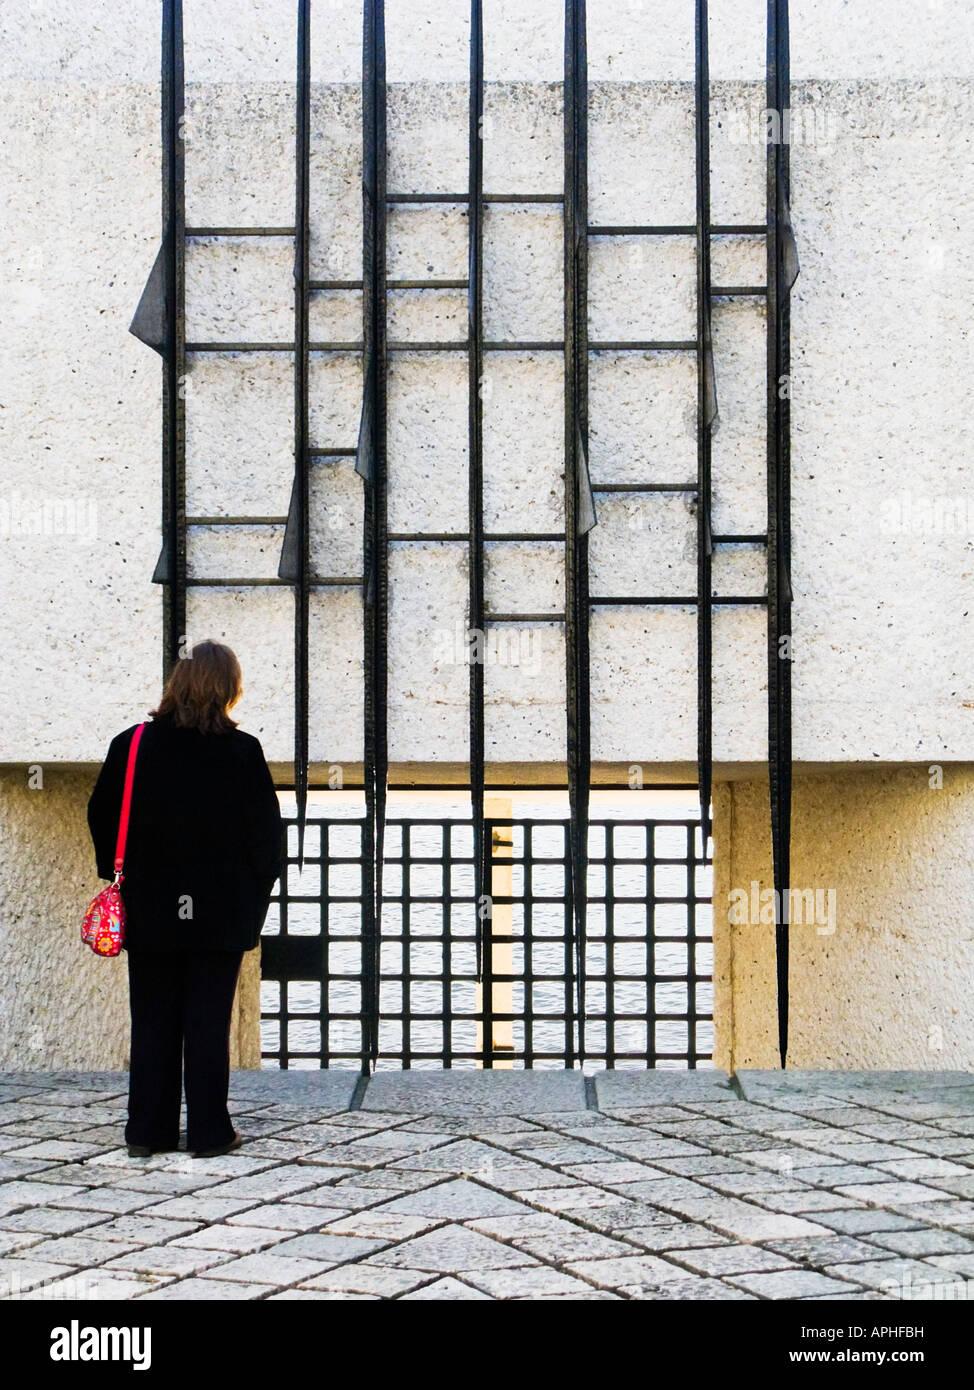 Woman paying respects at the Martyrs Francais de la Deportation memorial Ile de la Cite Paris France Europe - Stock Image